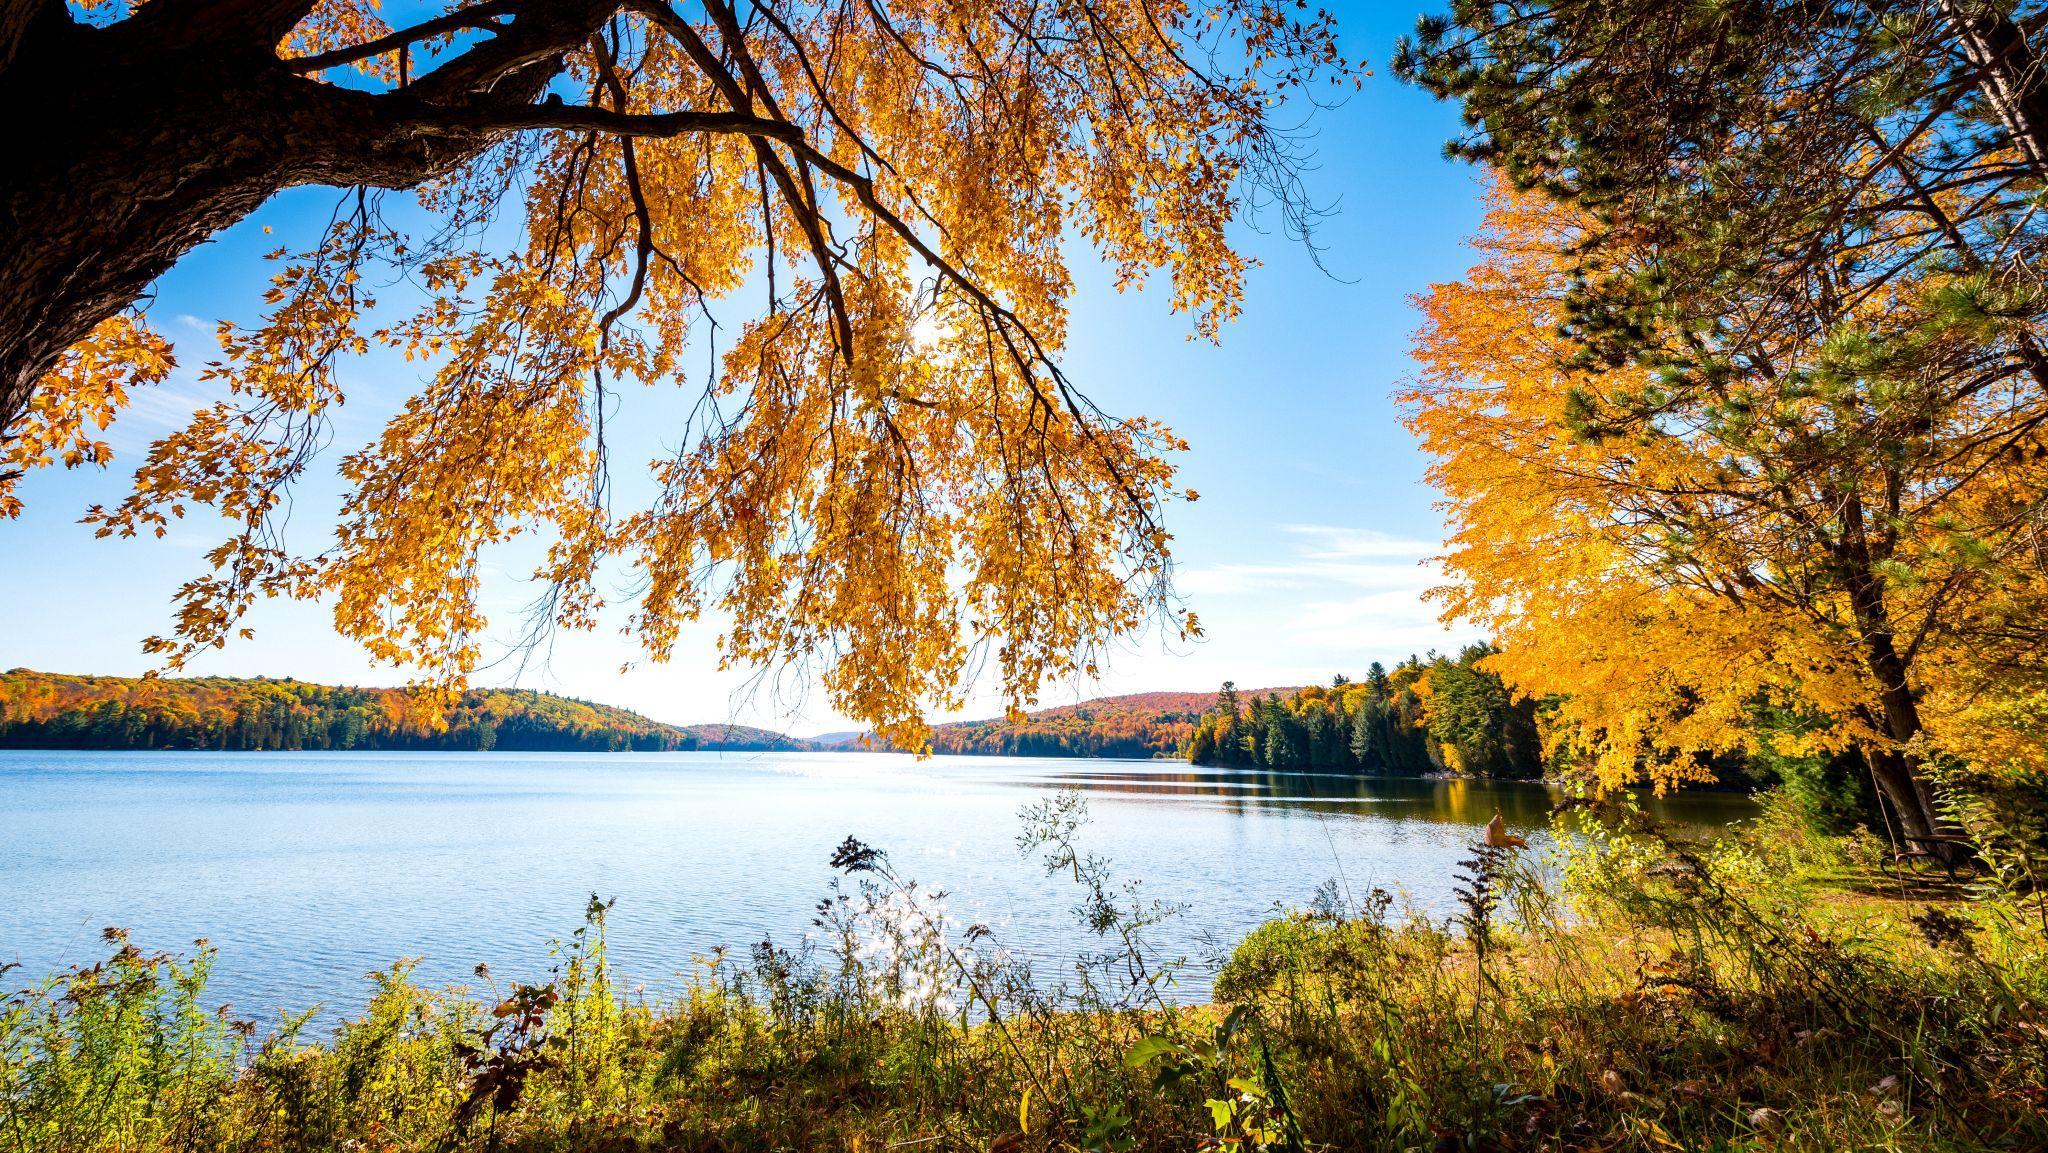 Le lac Philippe en automne avec des arbres au feuillage ocre et orangé en arrière-plan.